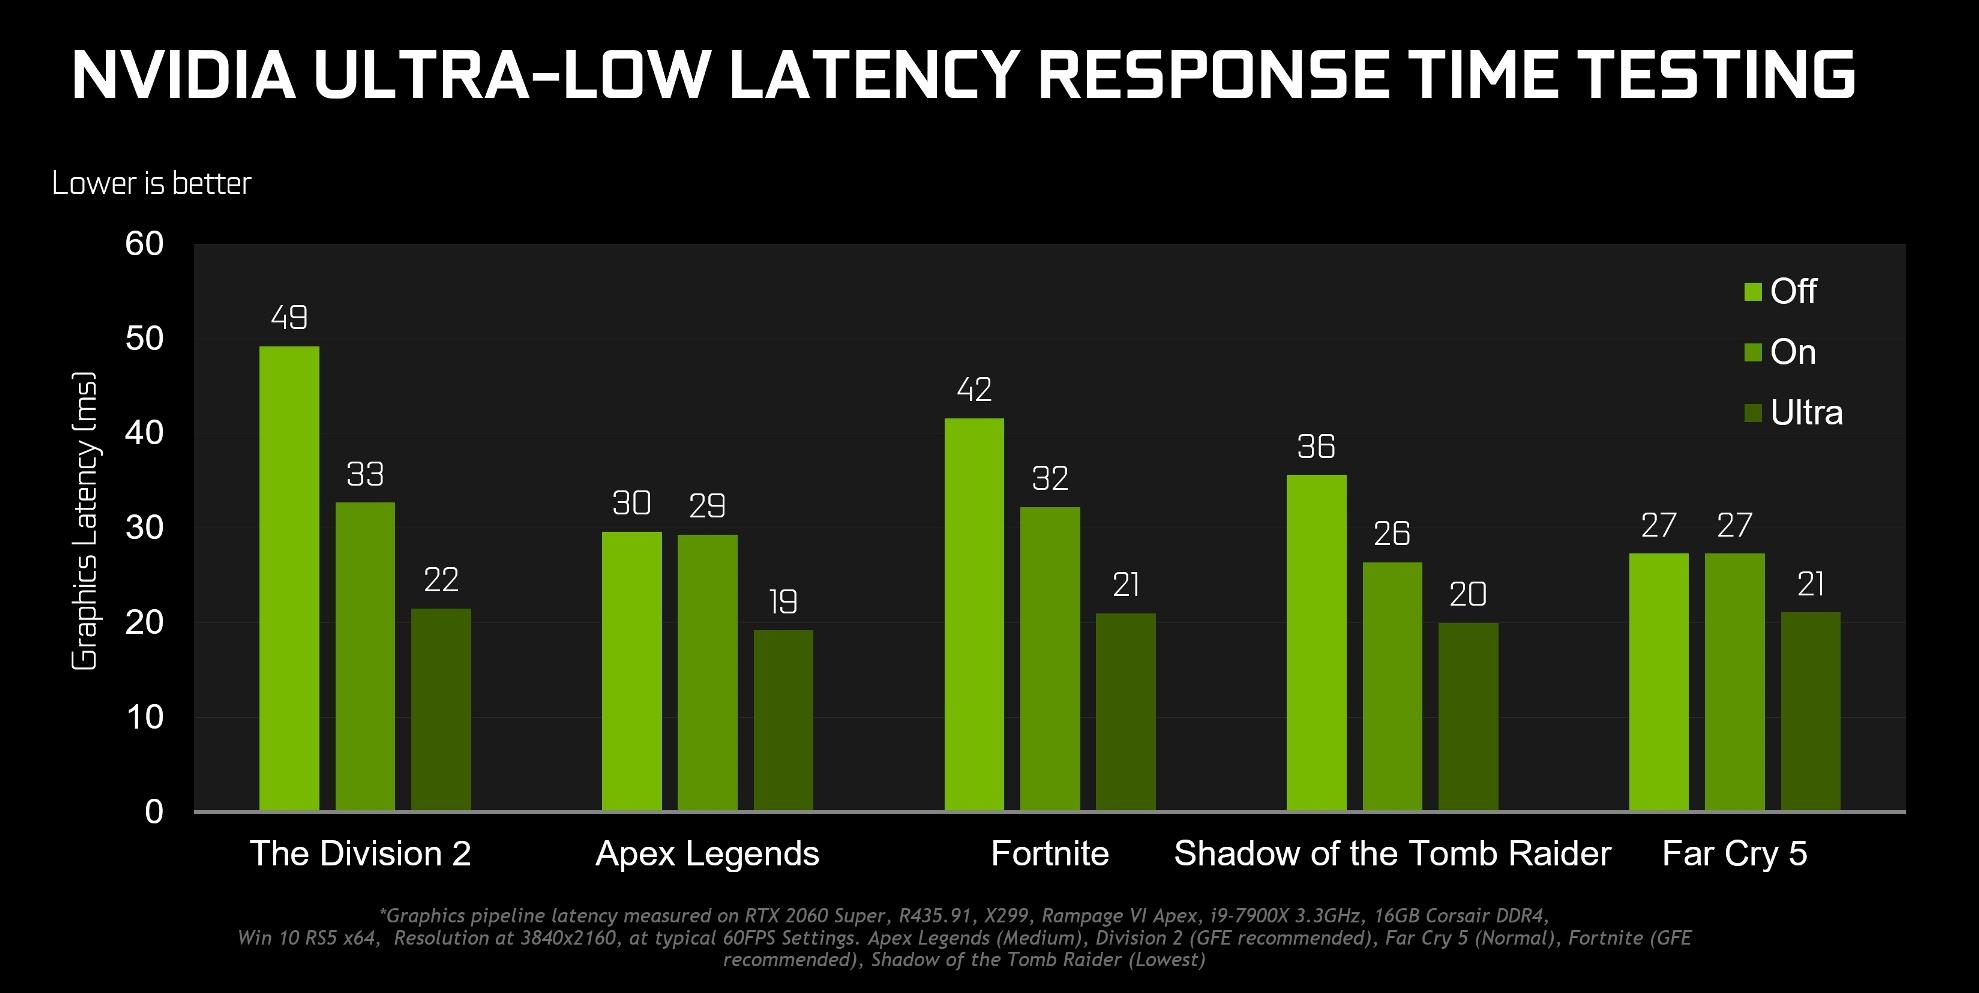 Крупное обновление. Новые драйвера NVIDIA GeForce 436.02 WHQL обеспечивают прирост кадровой частоты в играх на 23%